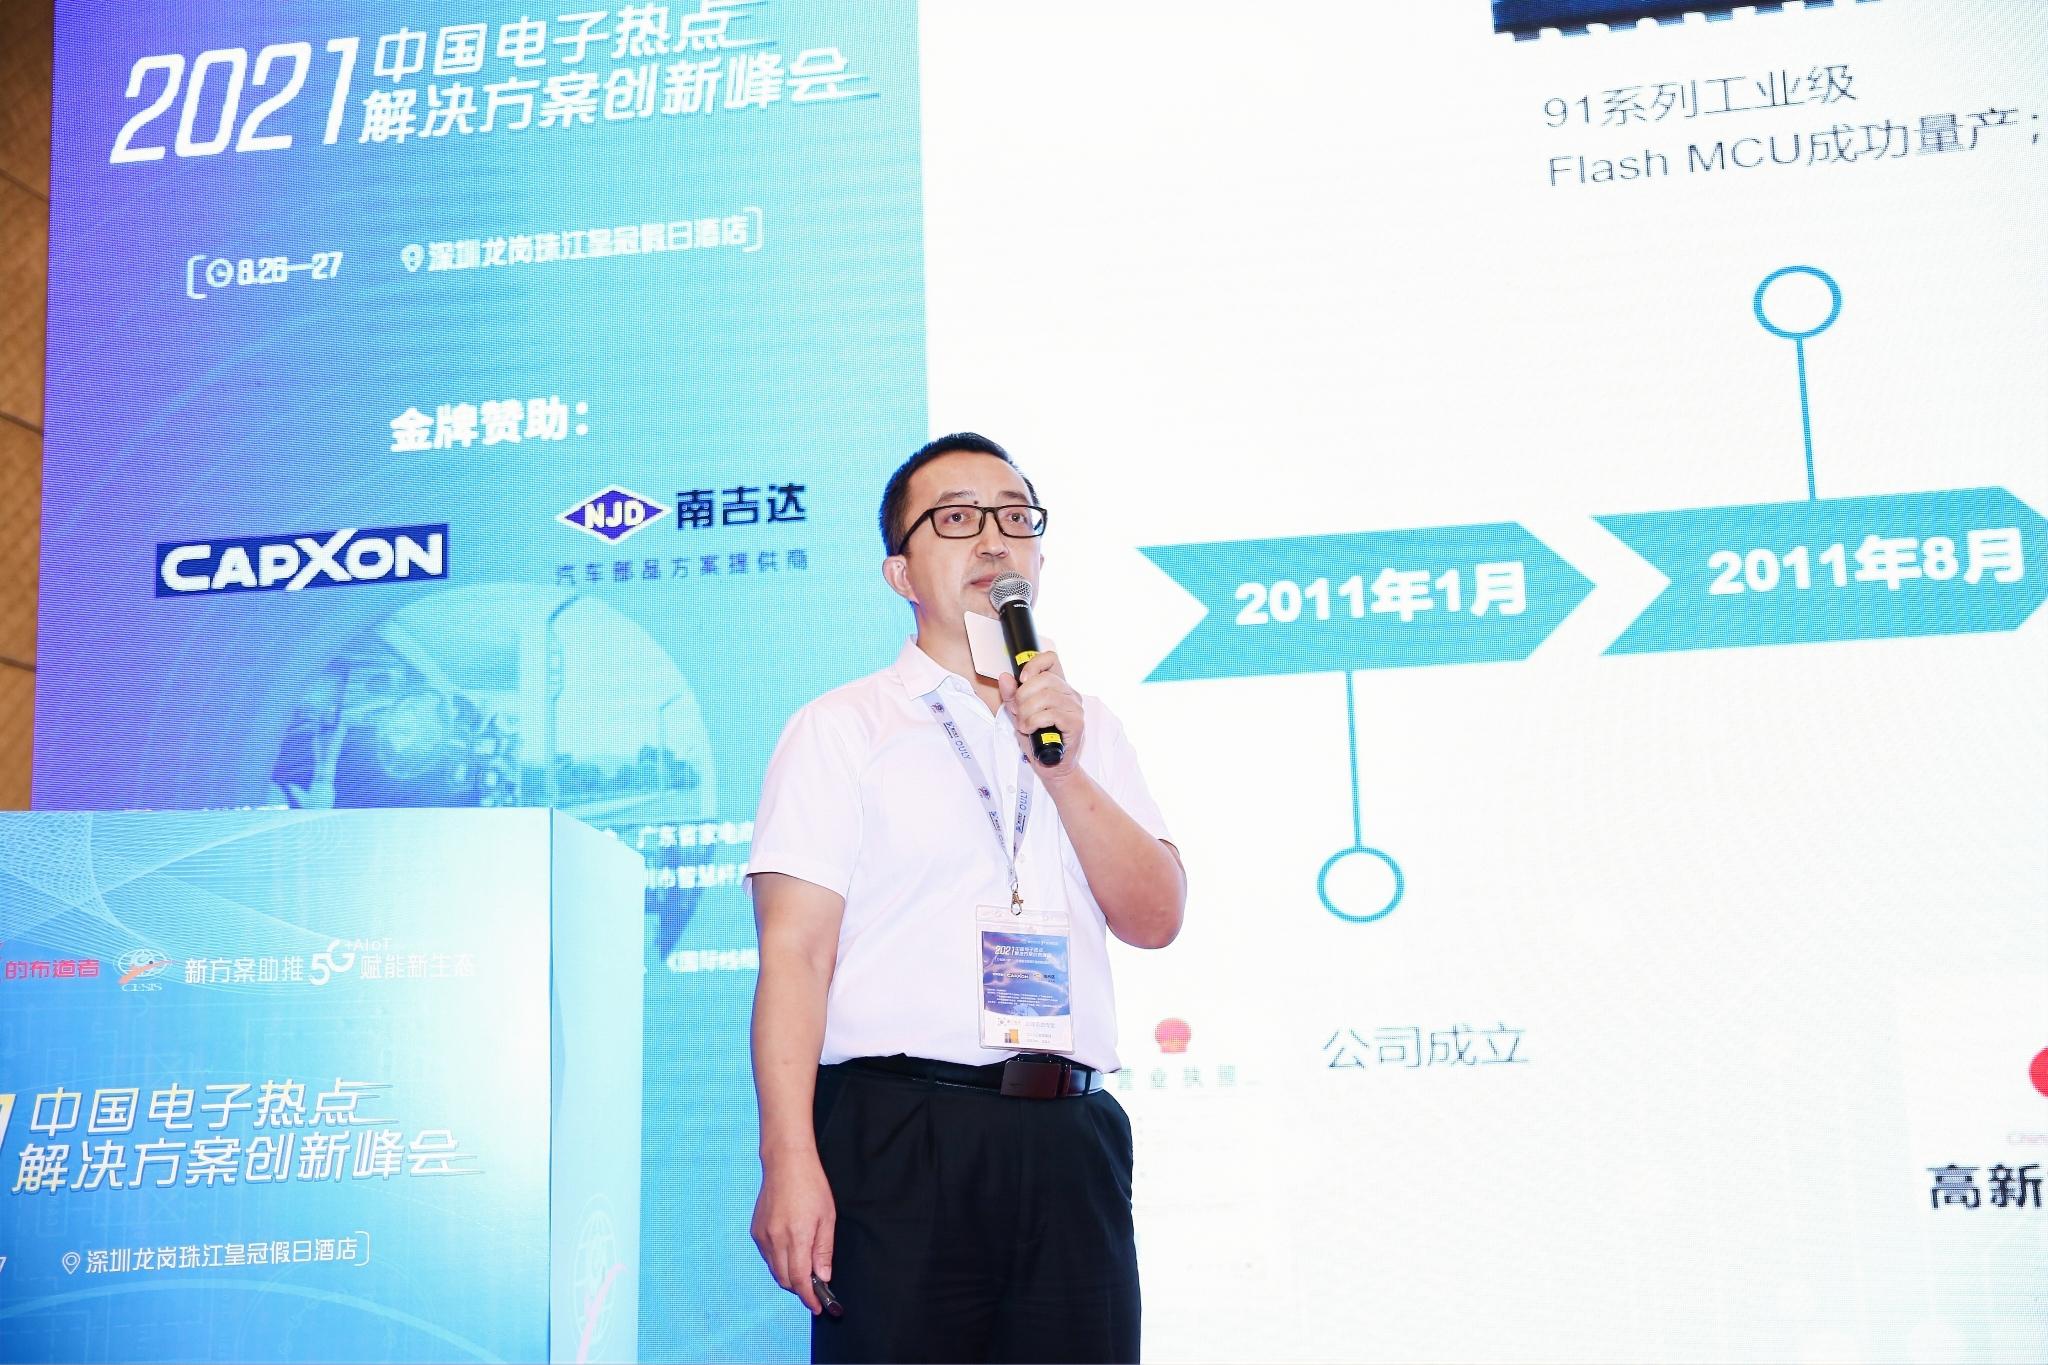 2021'智能家居MCU创新应用方案研讨会圆满落幕!